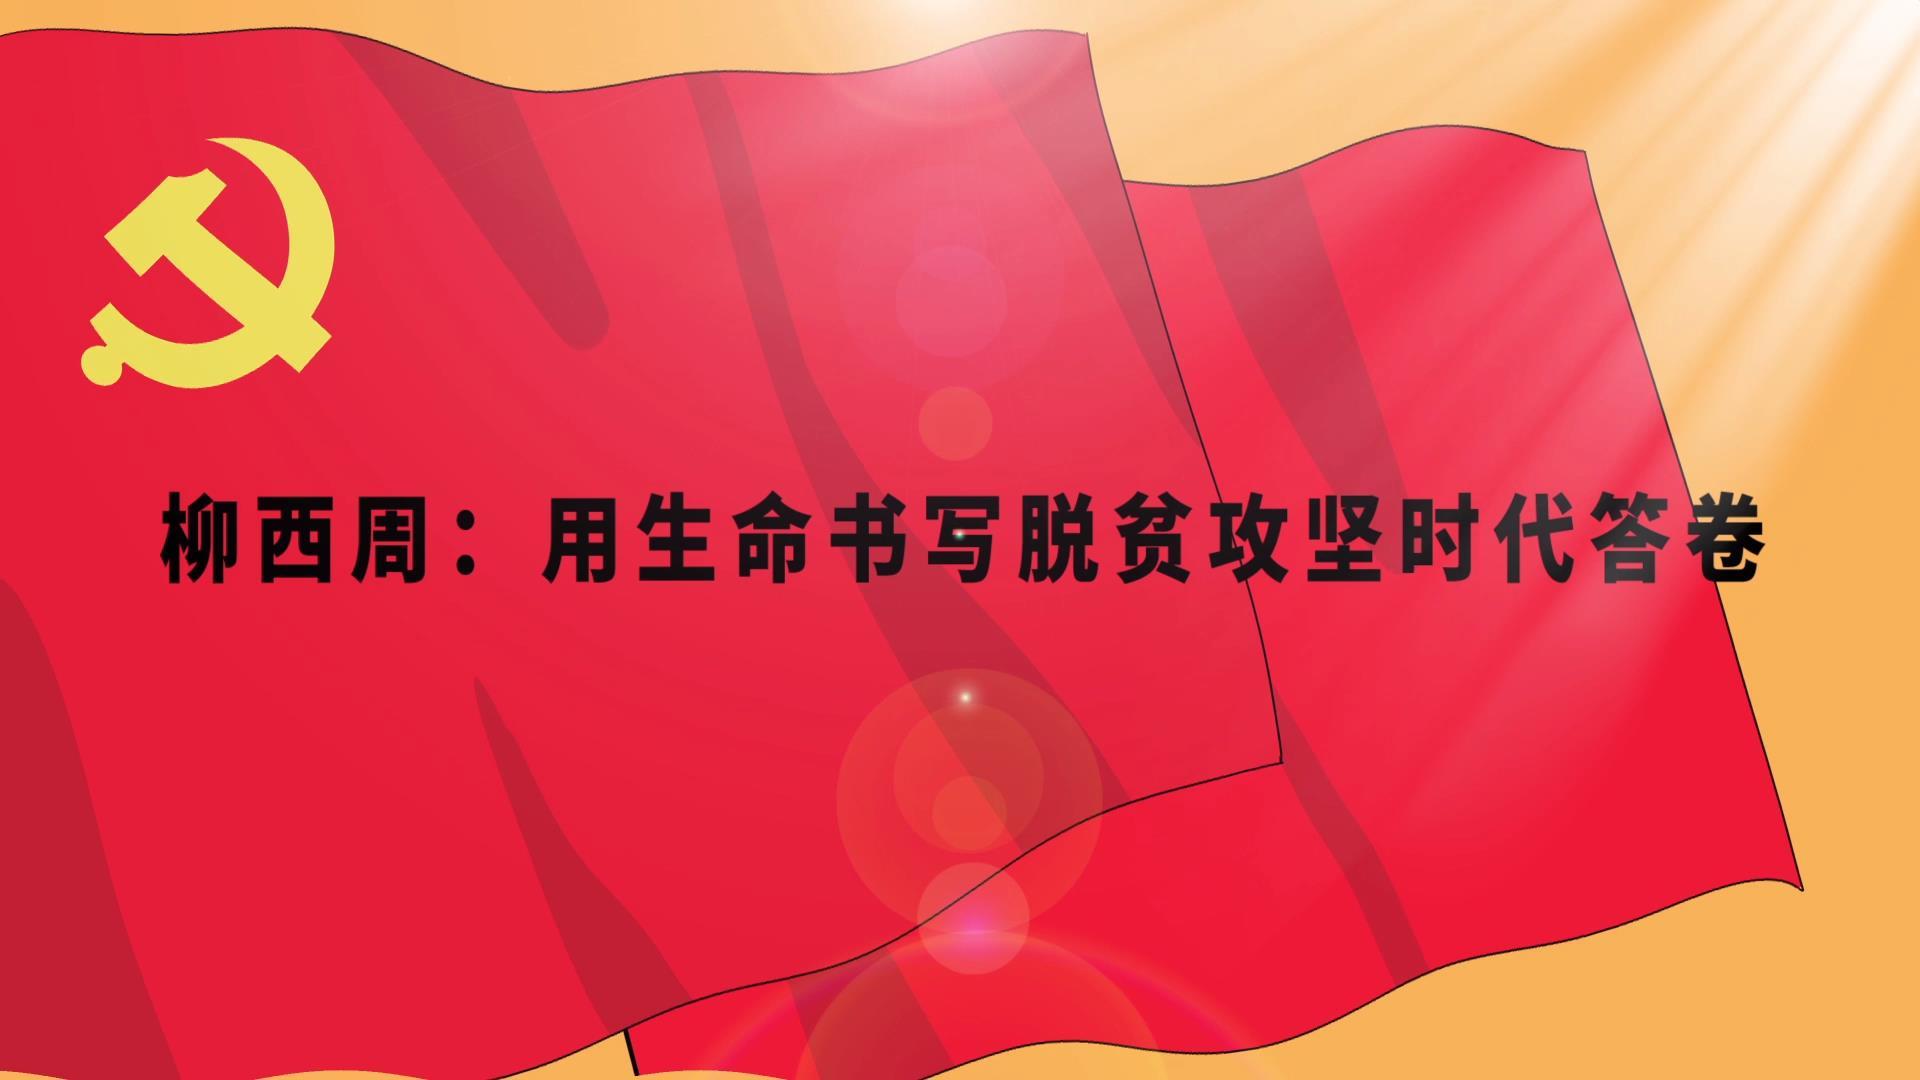 新媒体集团-柳西周-正片[00_00_02][20190117-142305].jpg